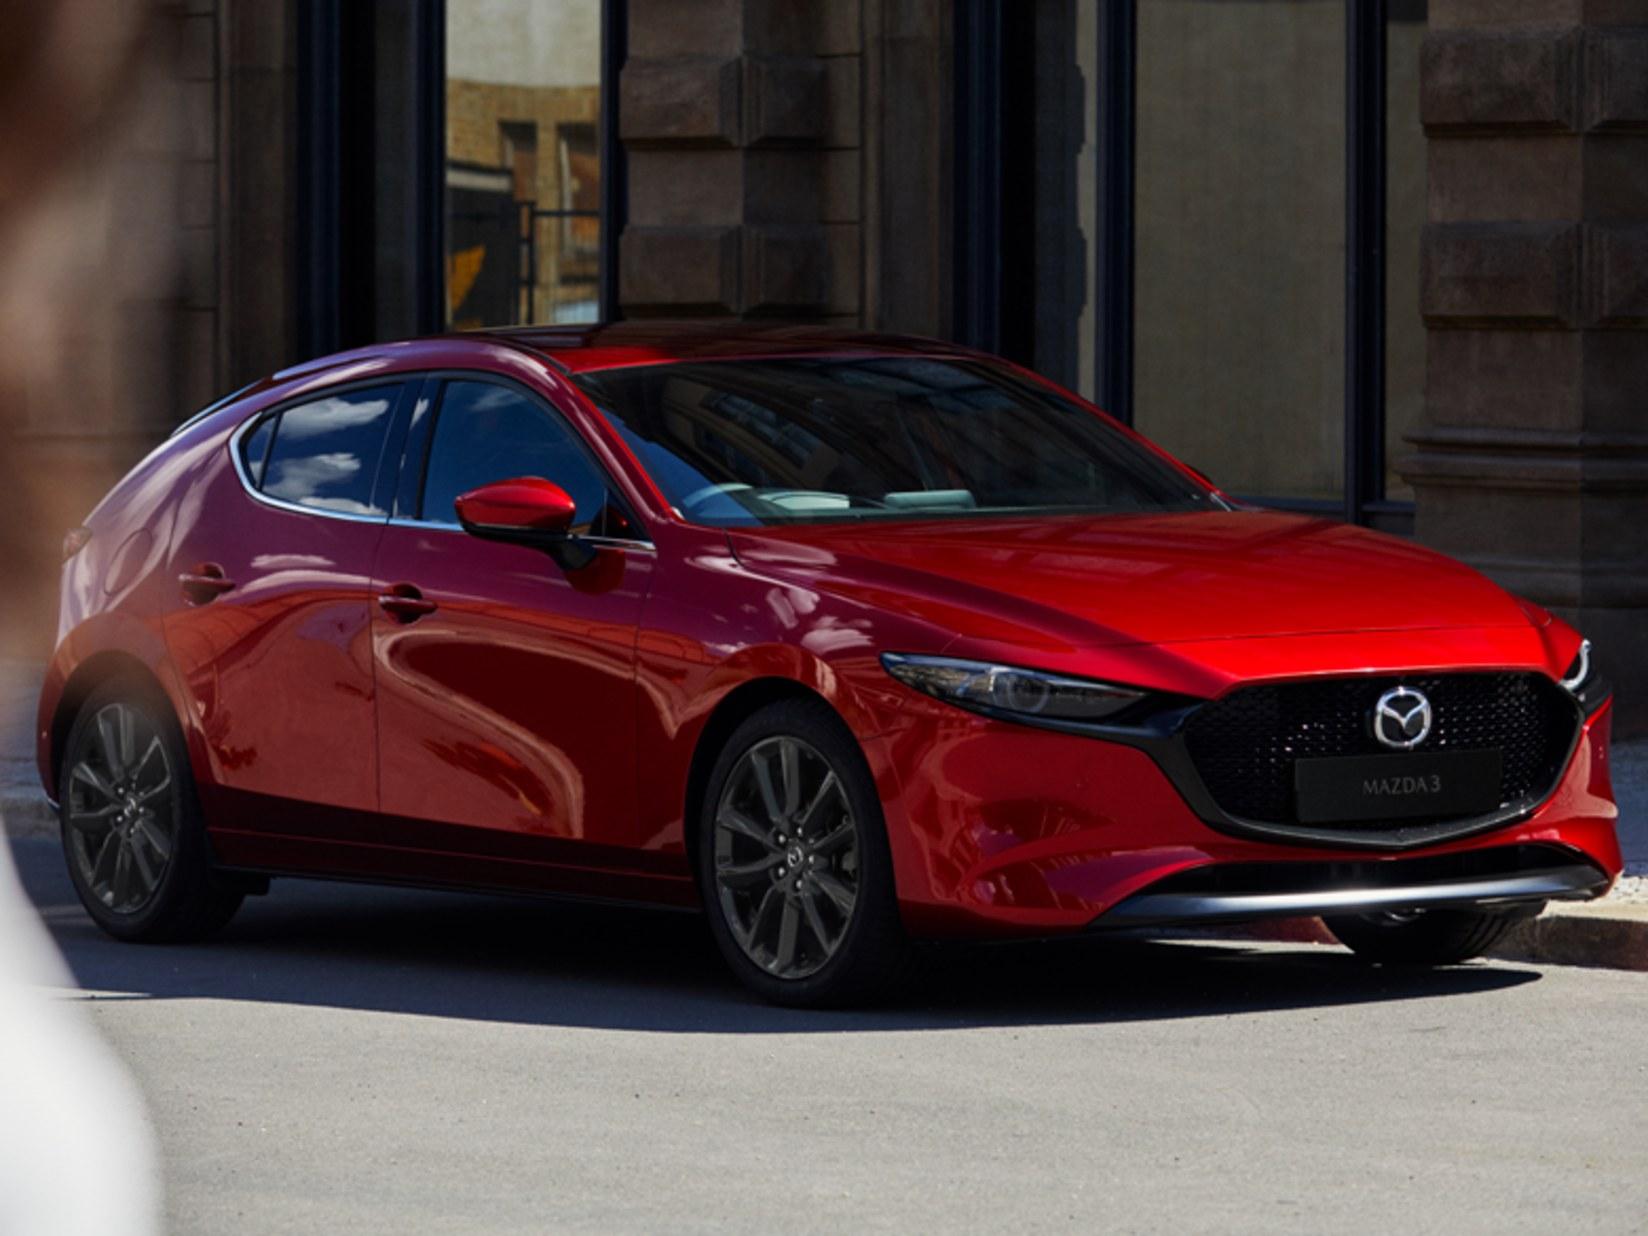 Kekurangan All New Mazda3 Perbandingan Harga